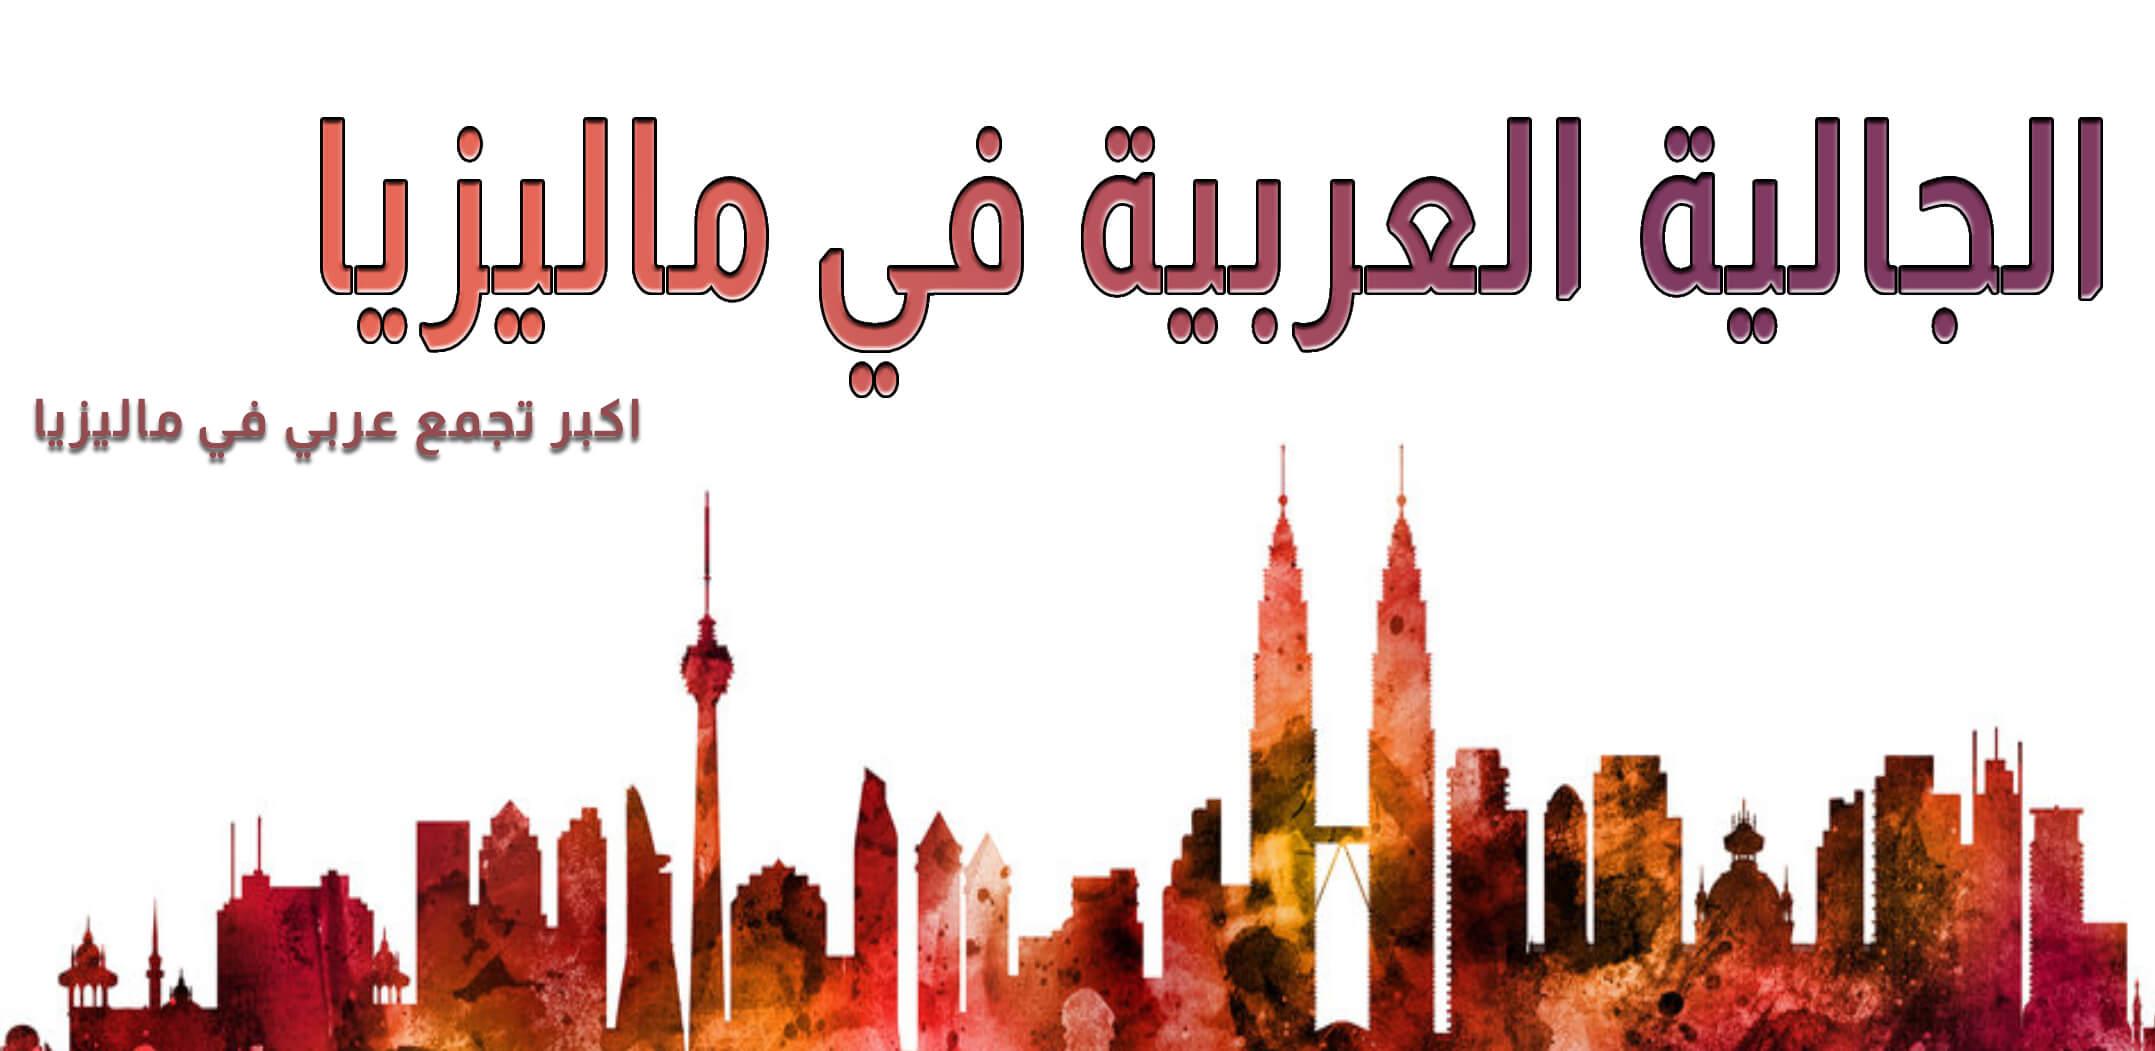 الجالية العربية ماليزيا